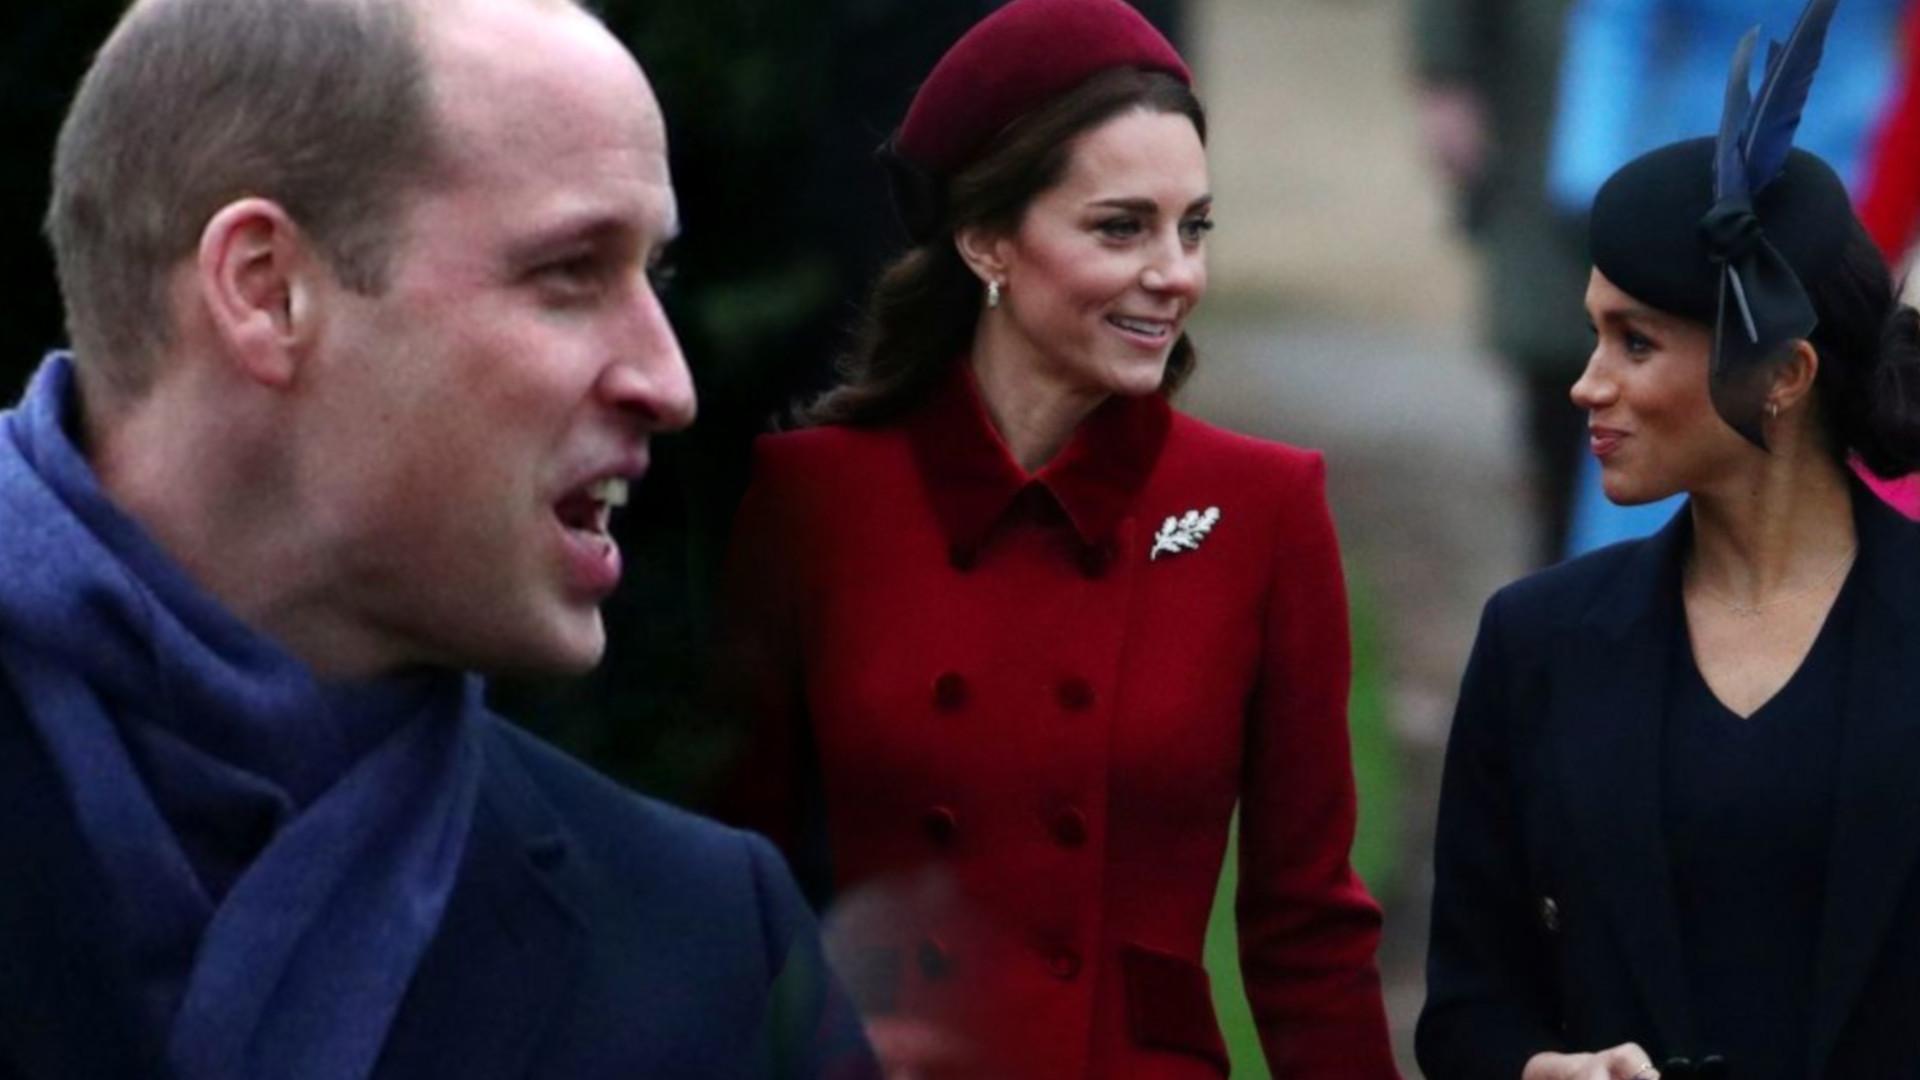 William OFICJALNIE o konflikcie Meghan i Kate. To trwa już bardzo długo!